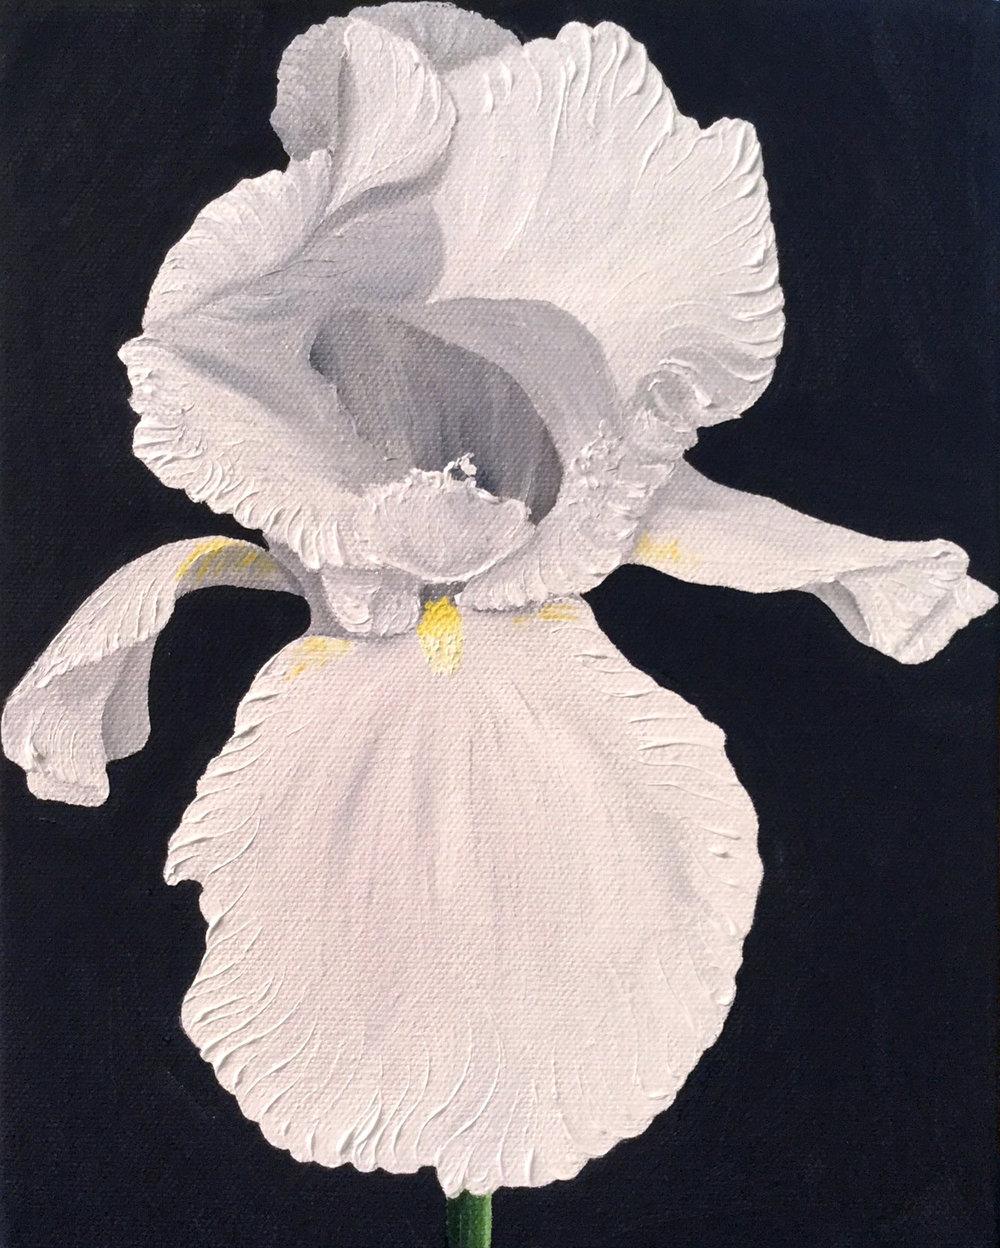 White Iris , 2017  108591772617 Oil on canvas 10 x 8 inches